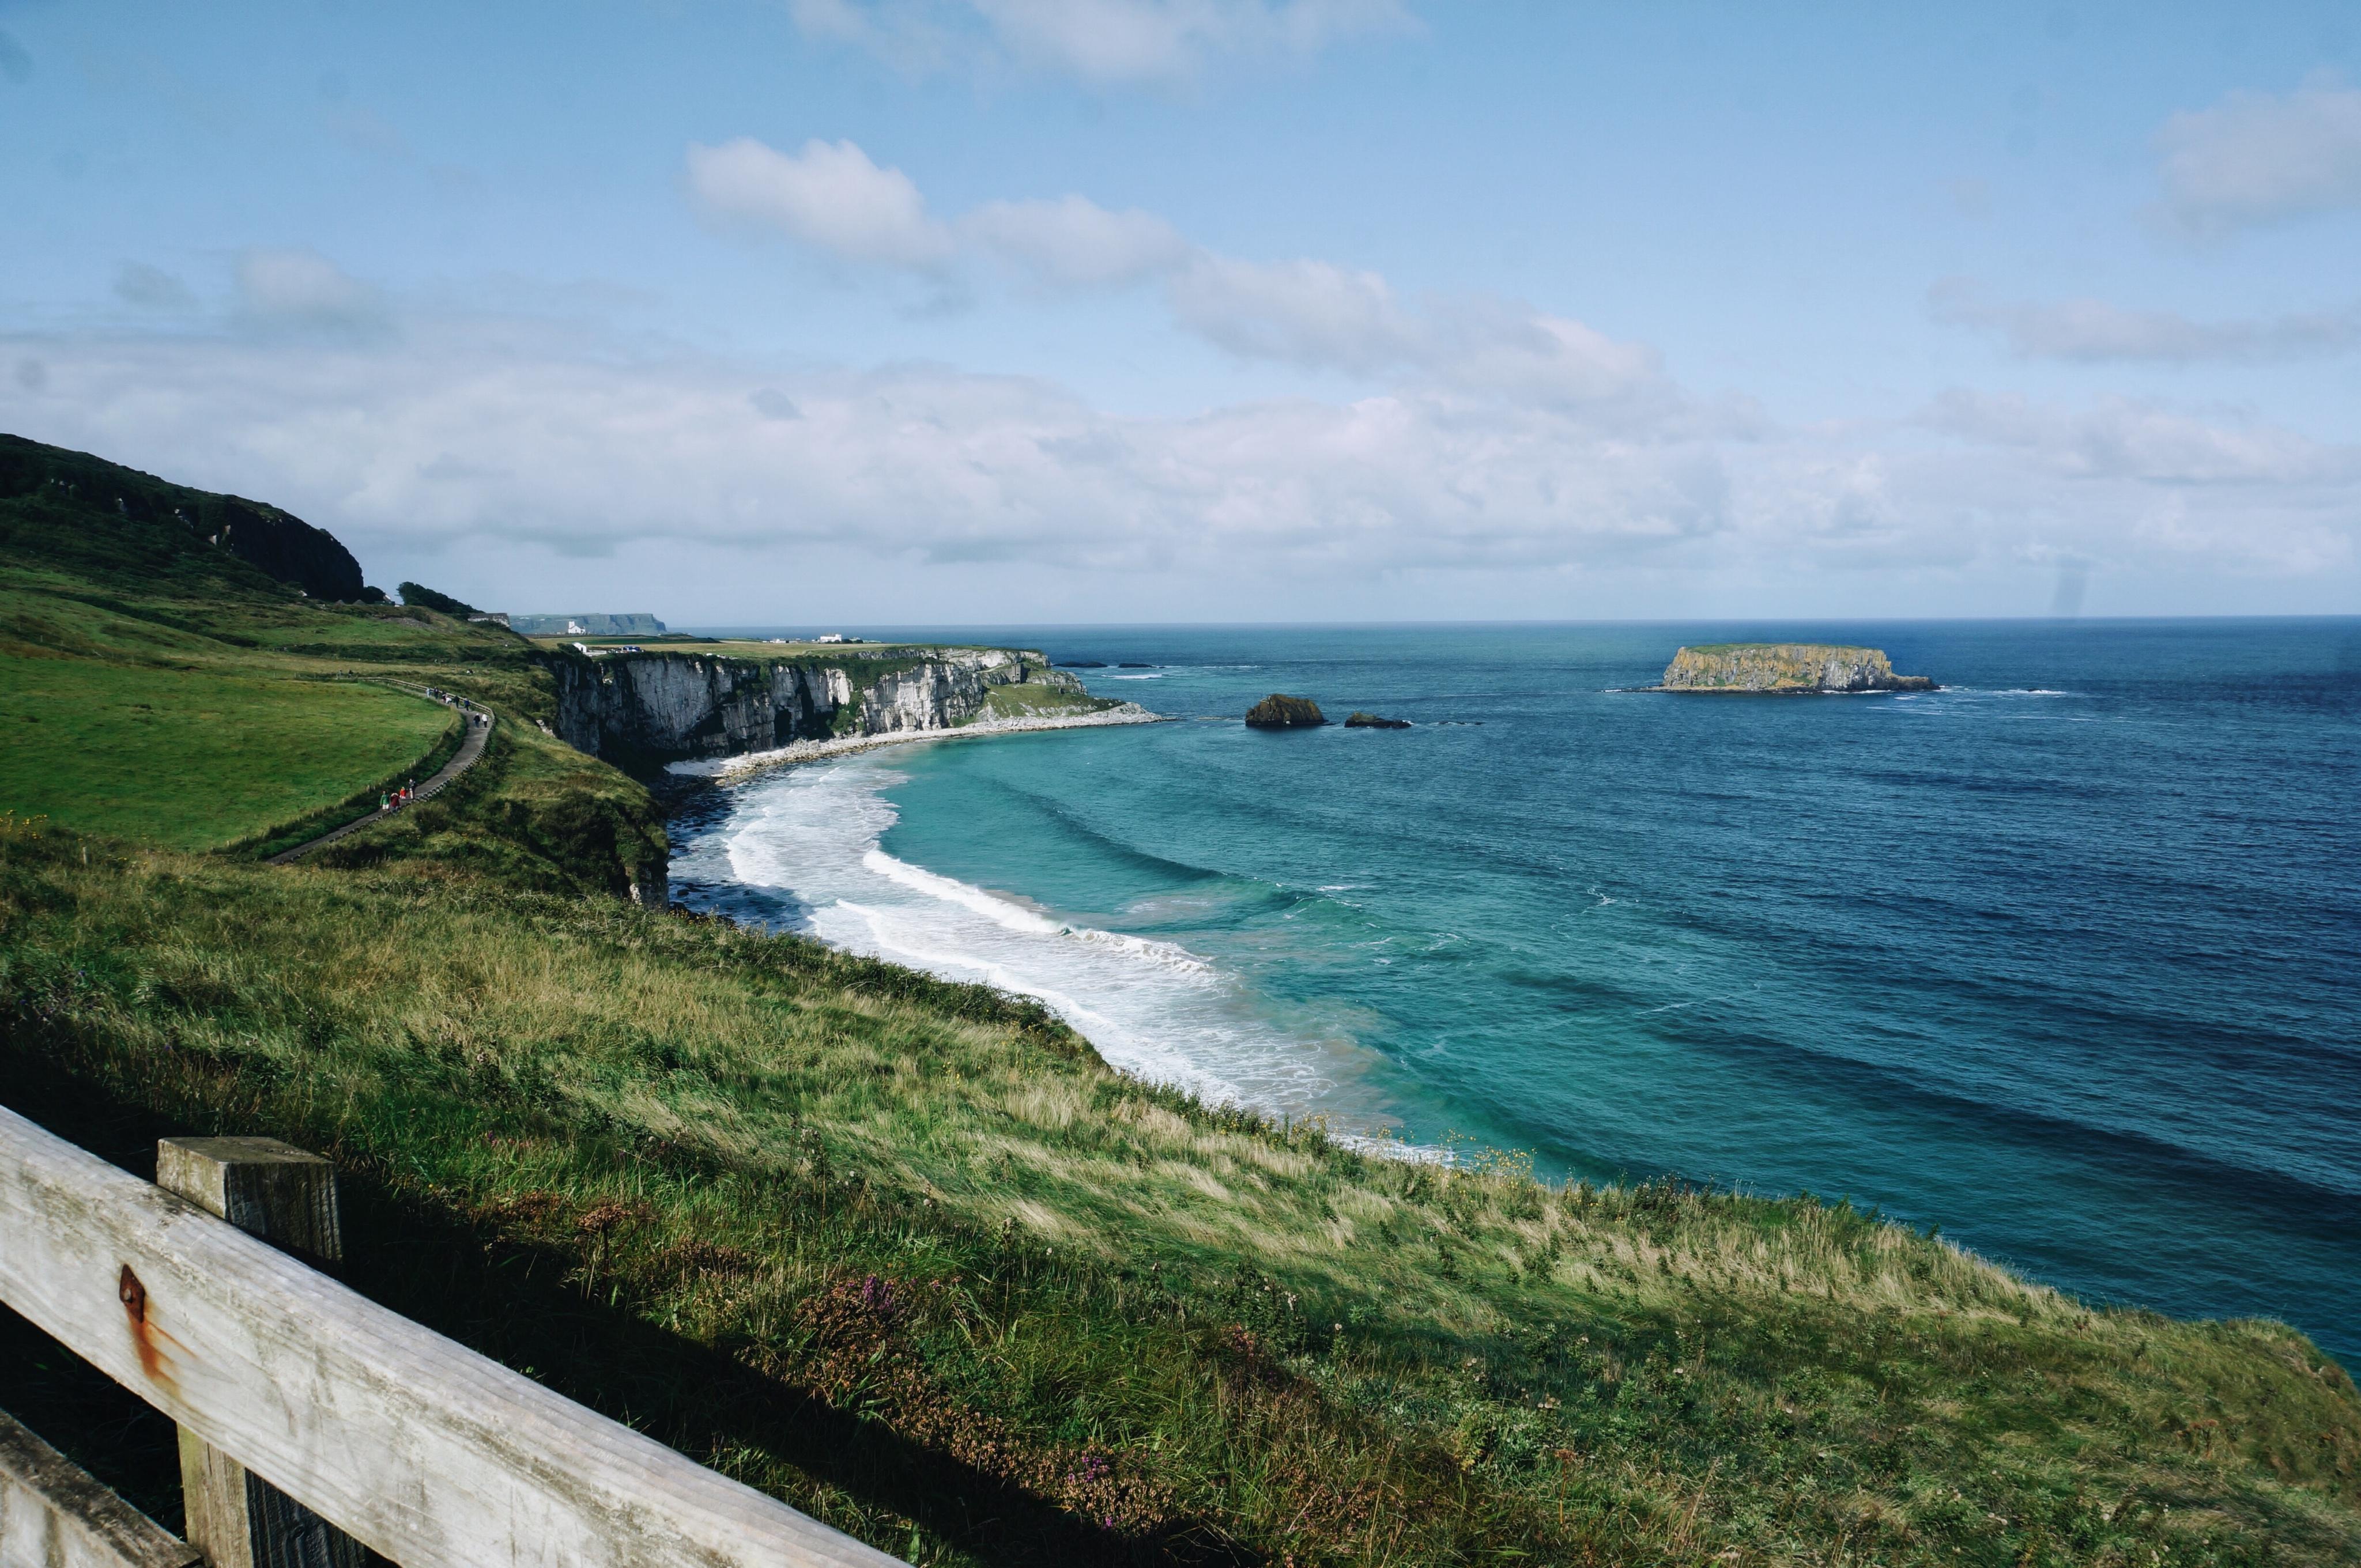 Irland Sehenswürdigkeiten, Hängebrücke, Action Ausflüge Irland, Carrick a Rede,